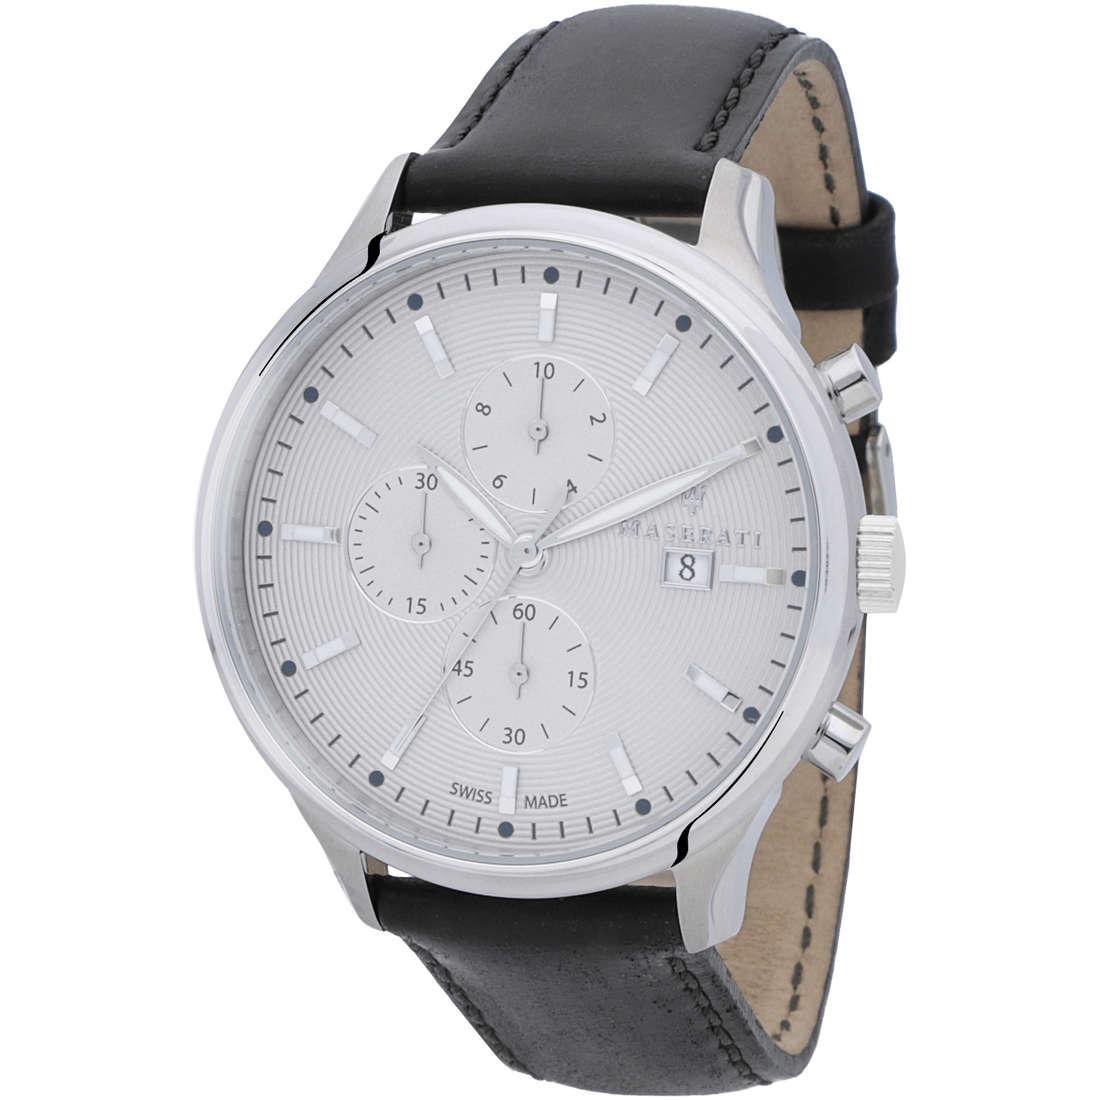 orologio cronografo uomo Maserati Attrazione R8871626002